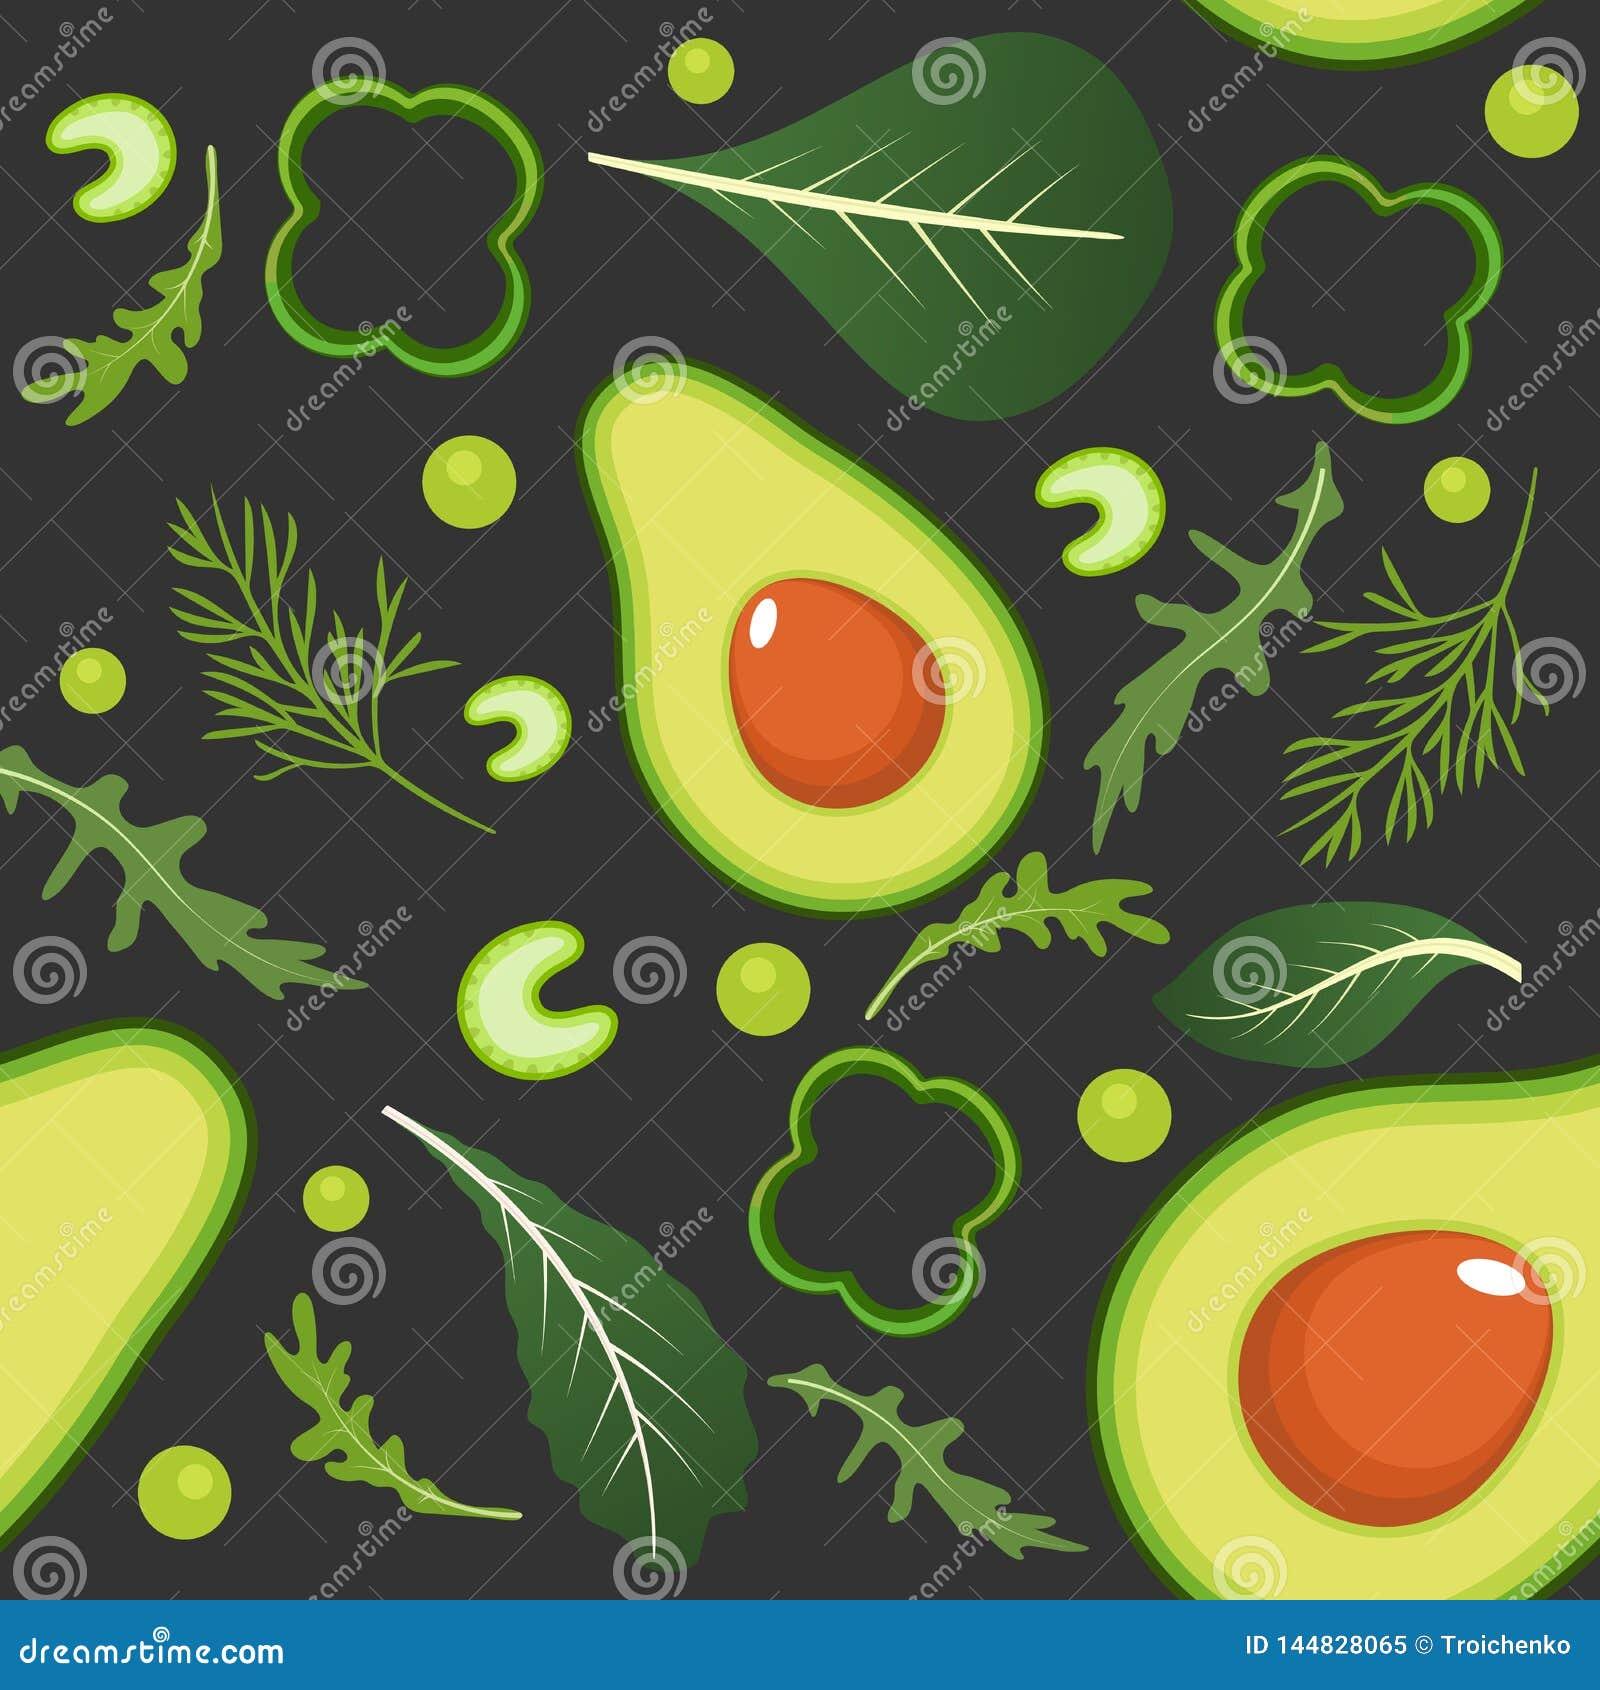 Άνευ ραφής σχέδιο στο σκοτεινό υπόβαθρο με τα πράσινα λαχανικά Αβοκάντο, πάπρικα, πράσινα μπιζέλια, σέλινο, σπανάκι, arugula και